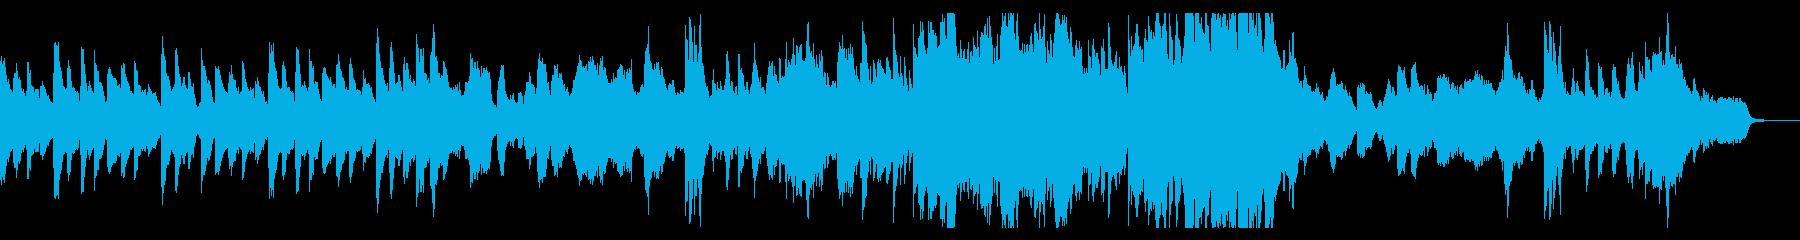 ヴァイオリンとピアノの静かなメロディの再生済みの波形